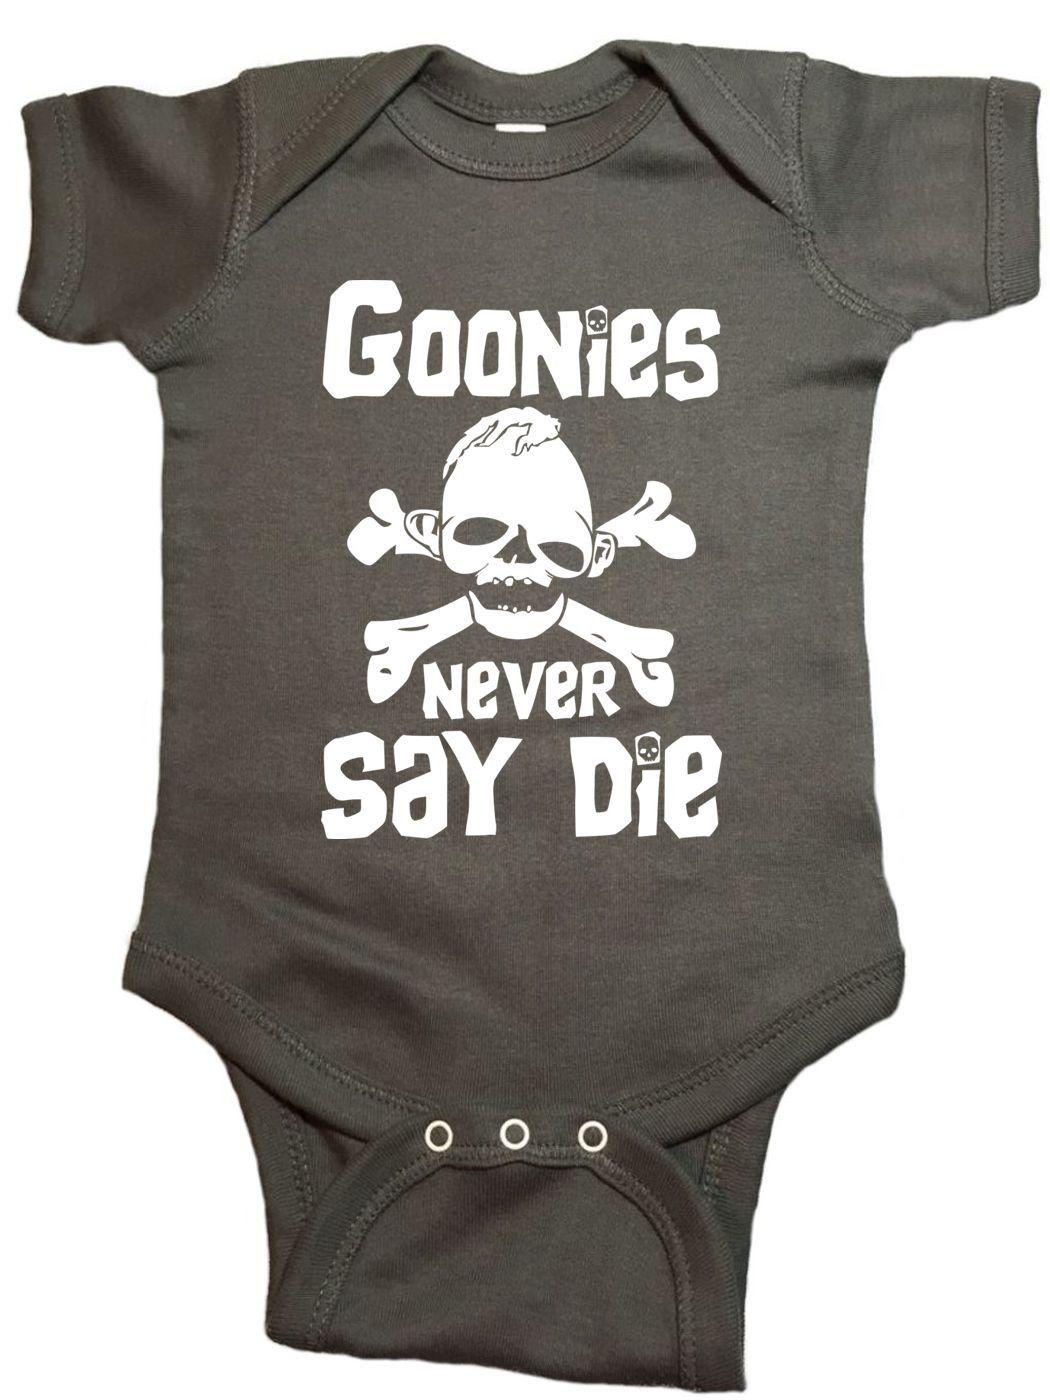 Goonies Never Say Die Baby Onesie Future Baby Bebe